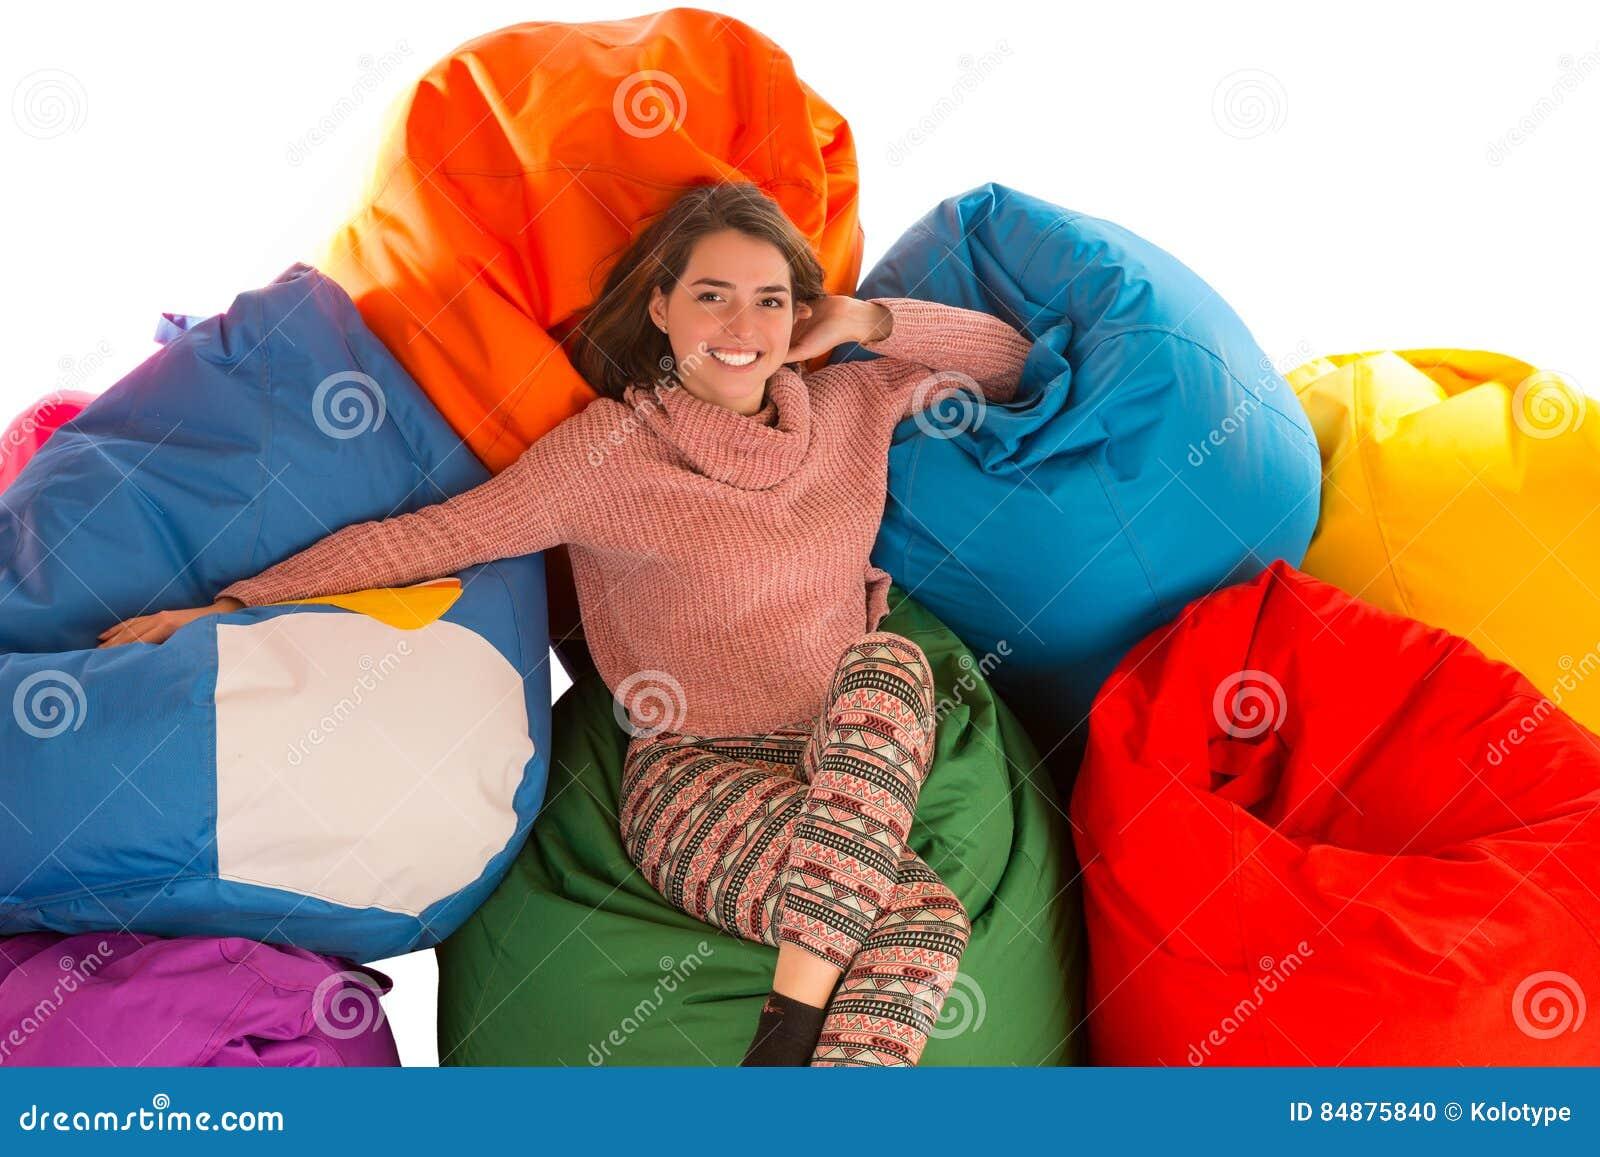 坐在装豆子小布袋椅子之间的年轻逗人喜爱的妇女